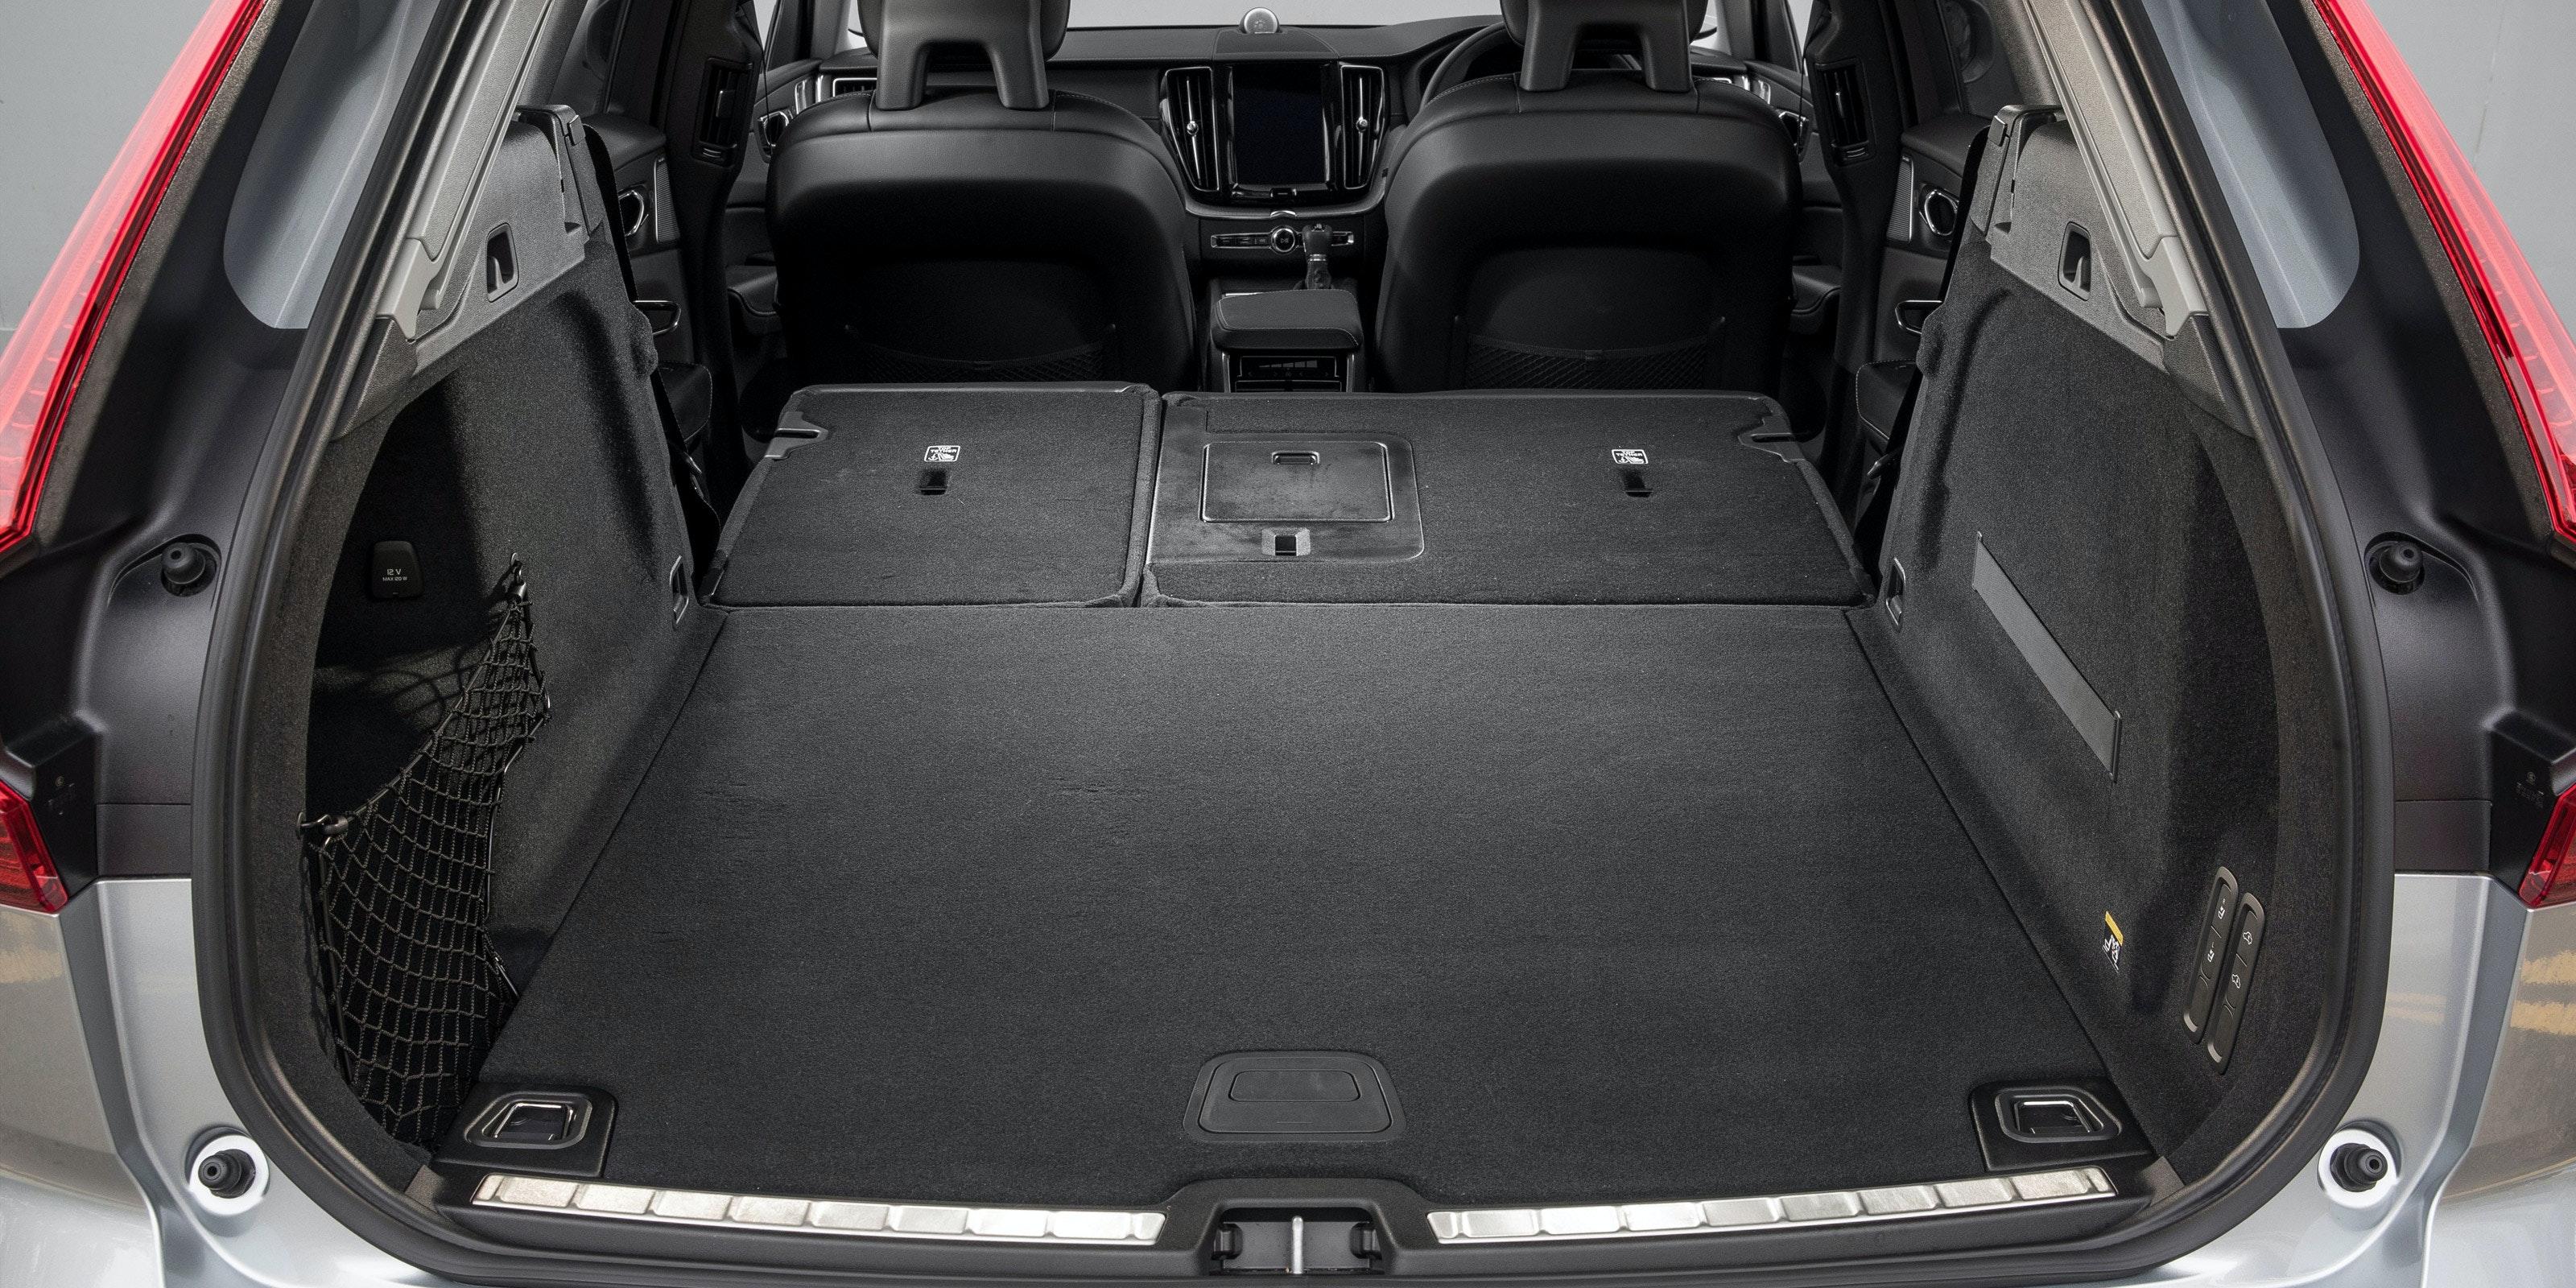 Interior Dimensions Volvo Xc60 | Psoriasisguru.com